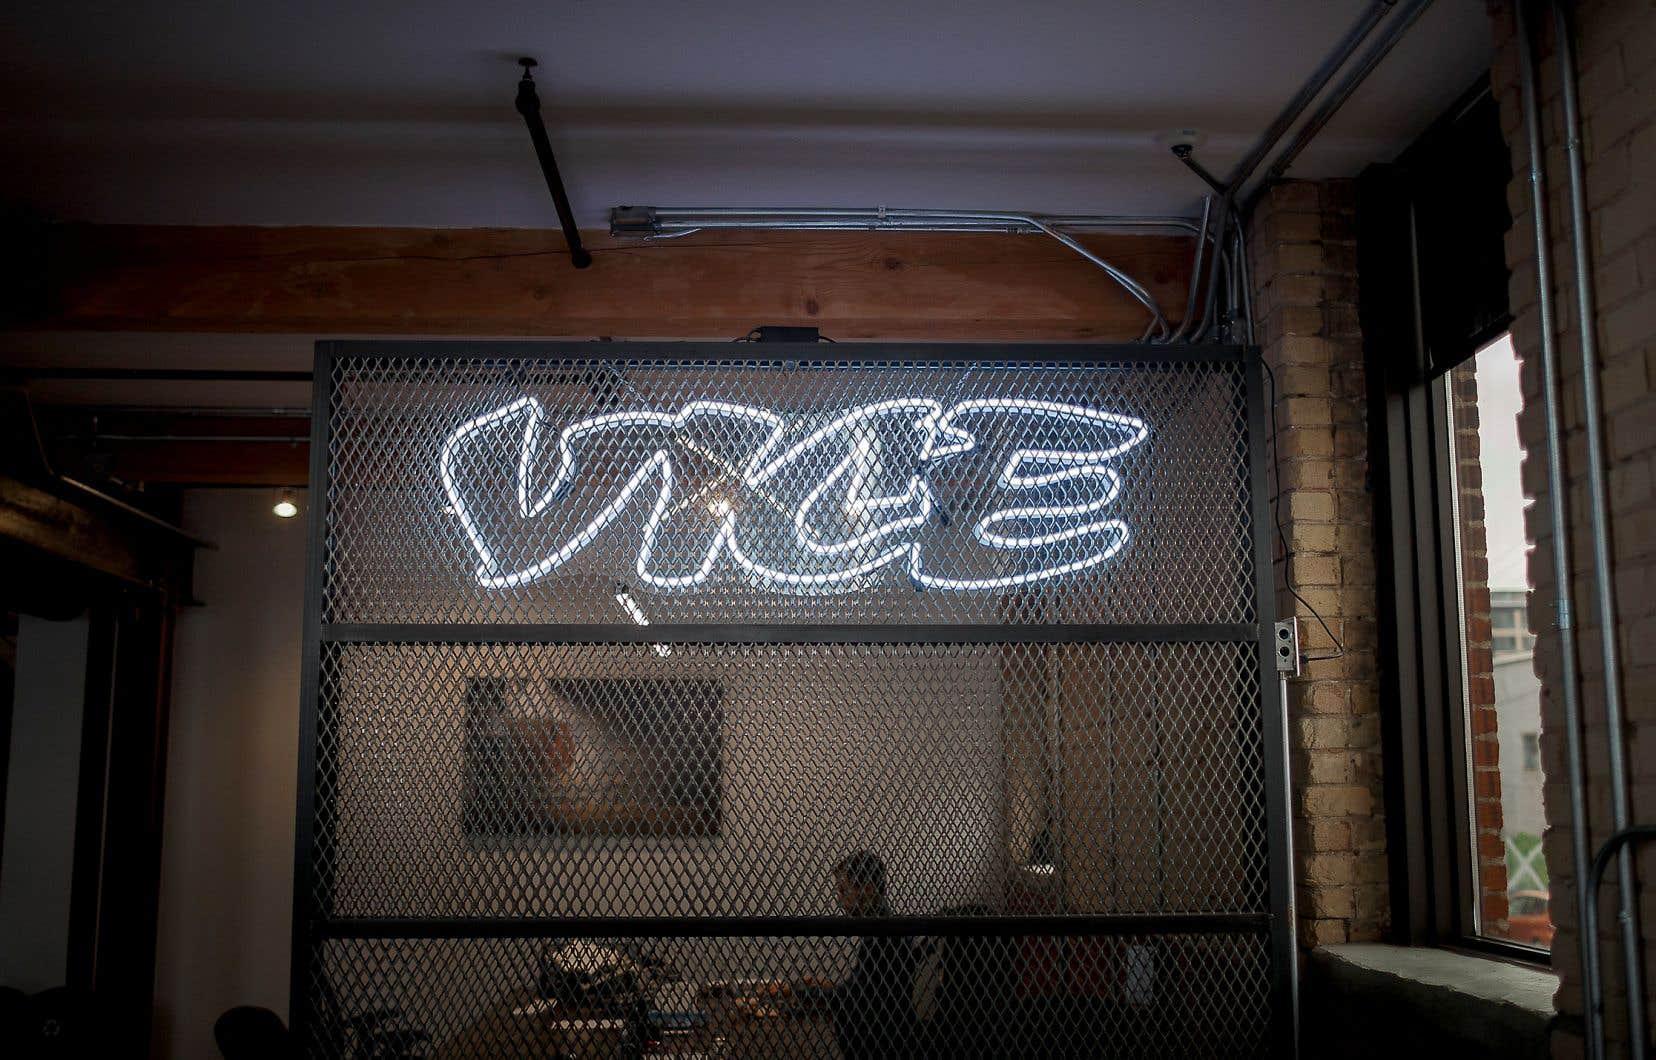 En janvier 2018, Vice Canada avait par ailleurs aboli 23 emplois contractuels ou permanents au pays après avoir annoncé la fin de son partenariat télé avec Rogers. Trois de ces postes avaient alors été retranchés à Vice Québec.